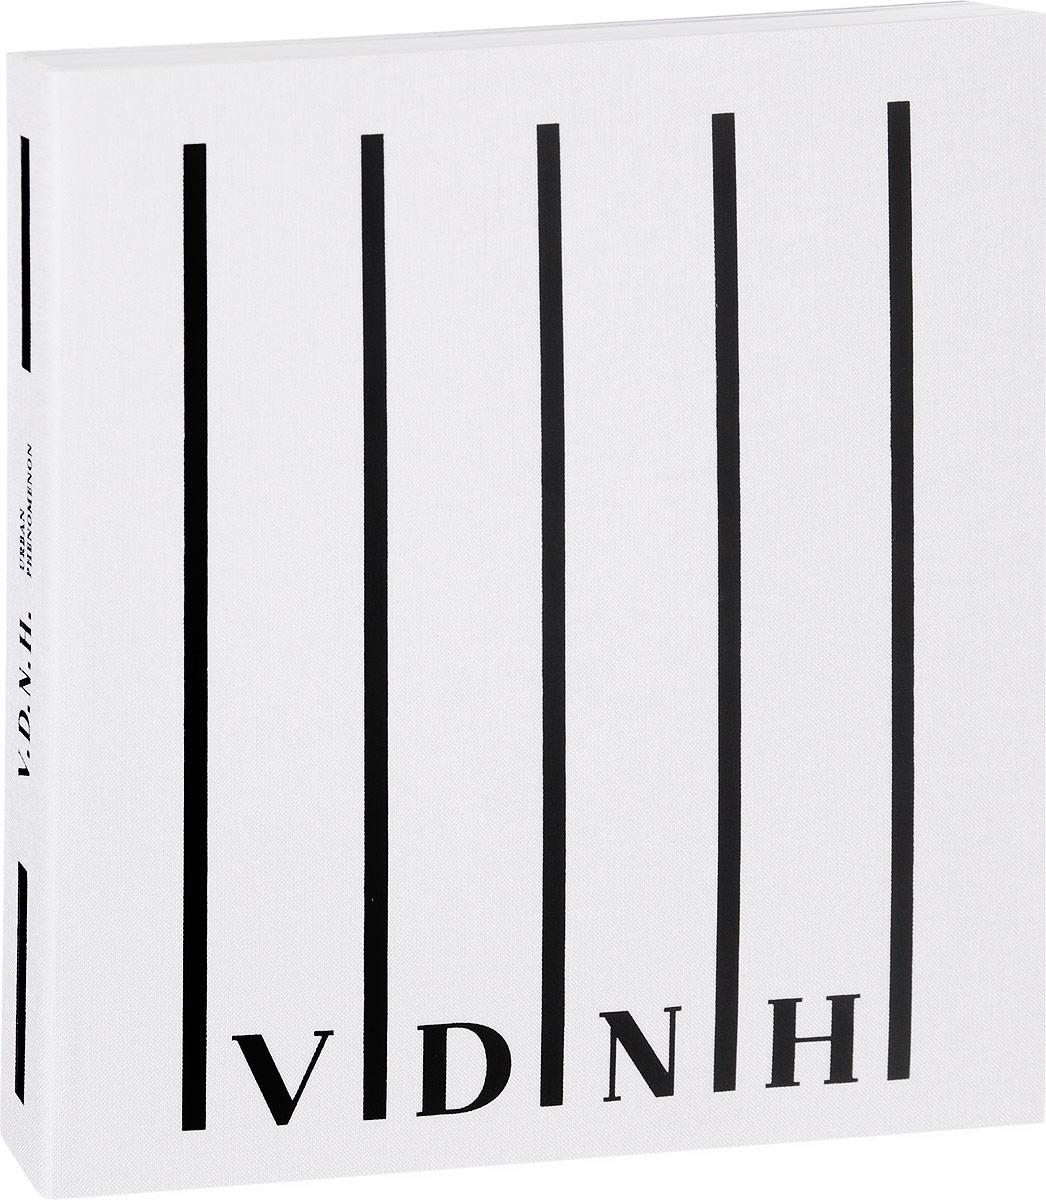 V. D. N. H. Urban Phenomenon